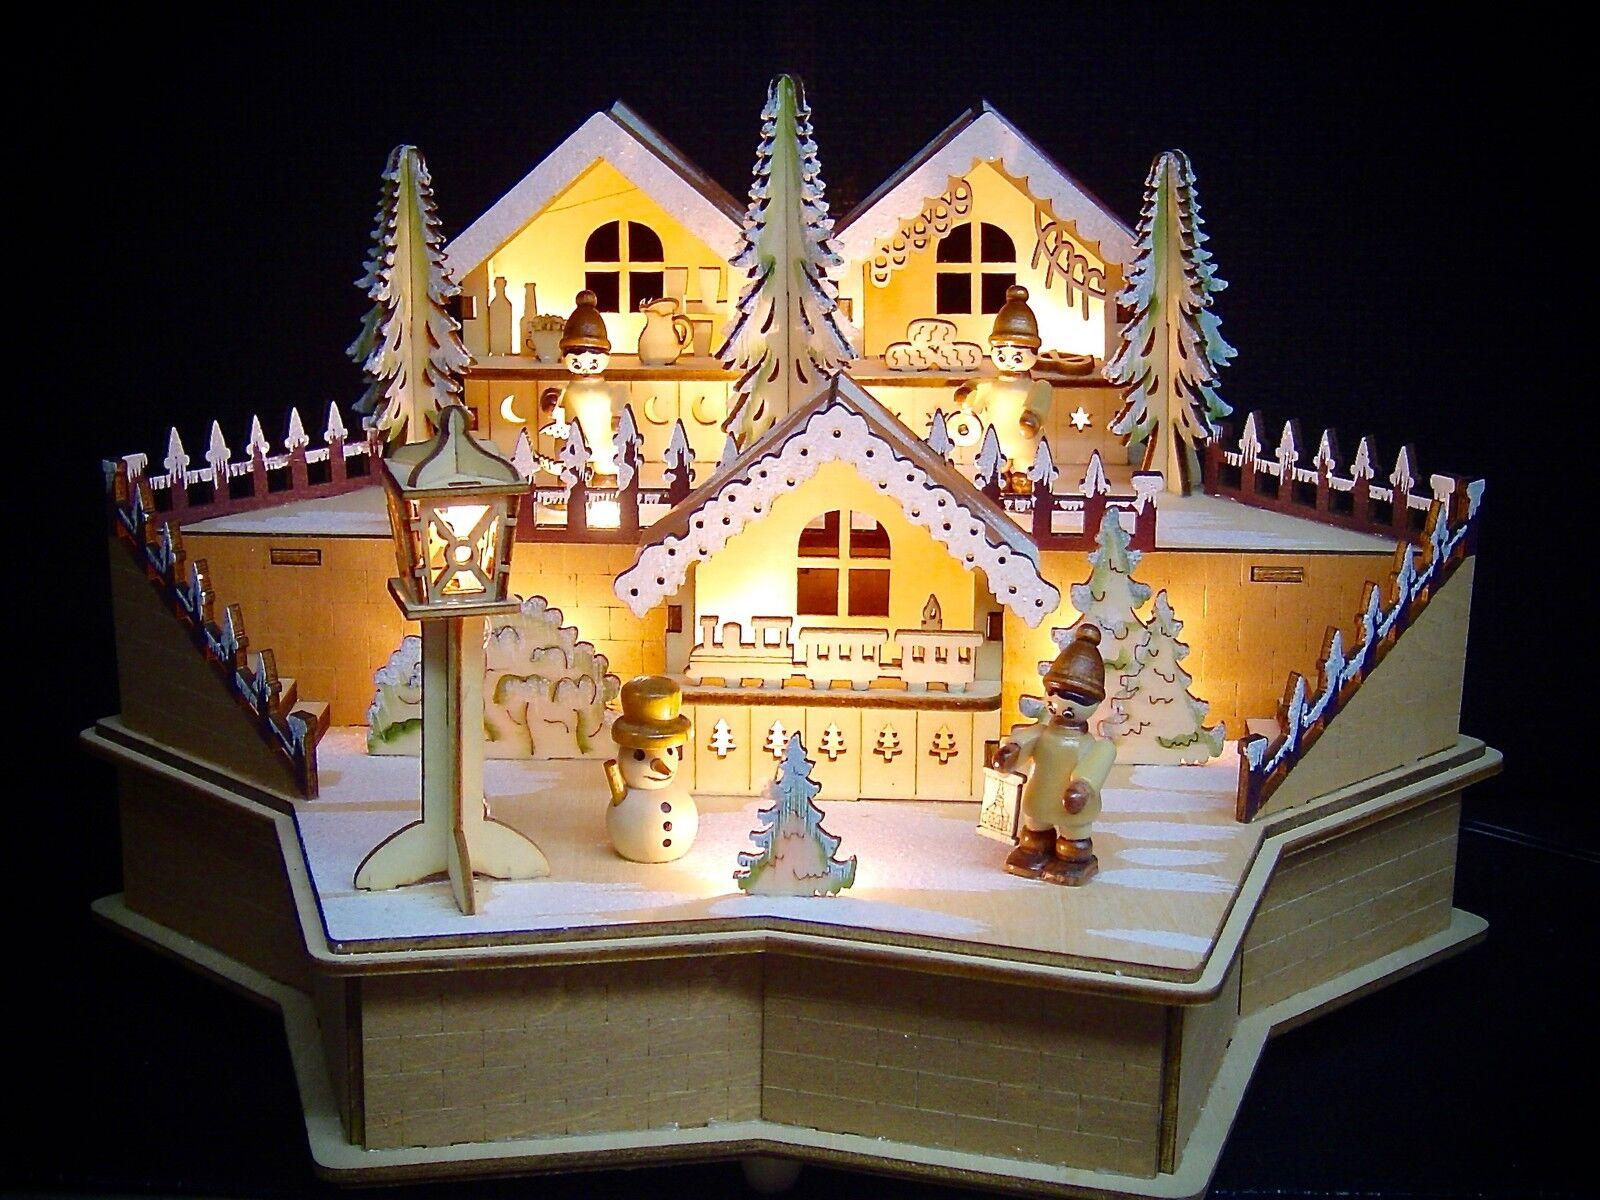 LED LED LED Tischdeko Schwibbogen Lichterbogen Szene Sternform mit Winterfiguren 10256 45b88e